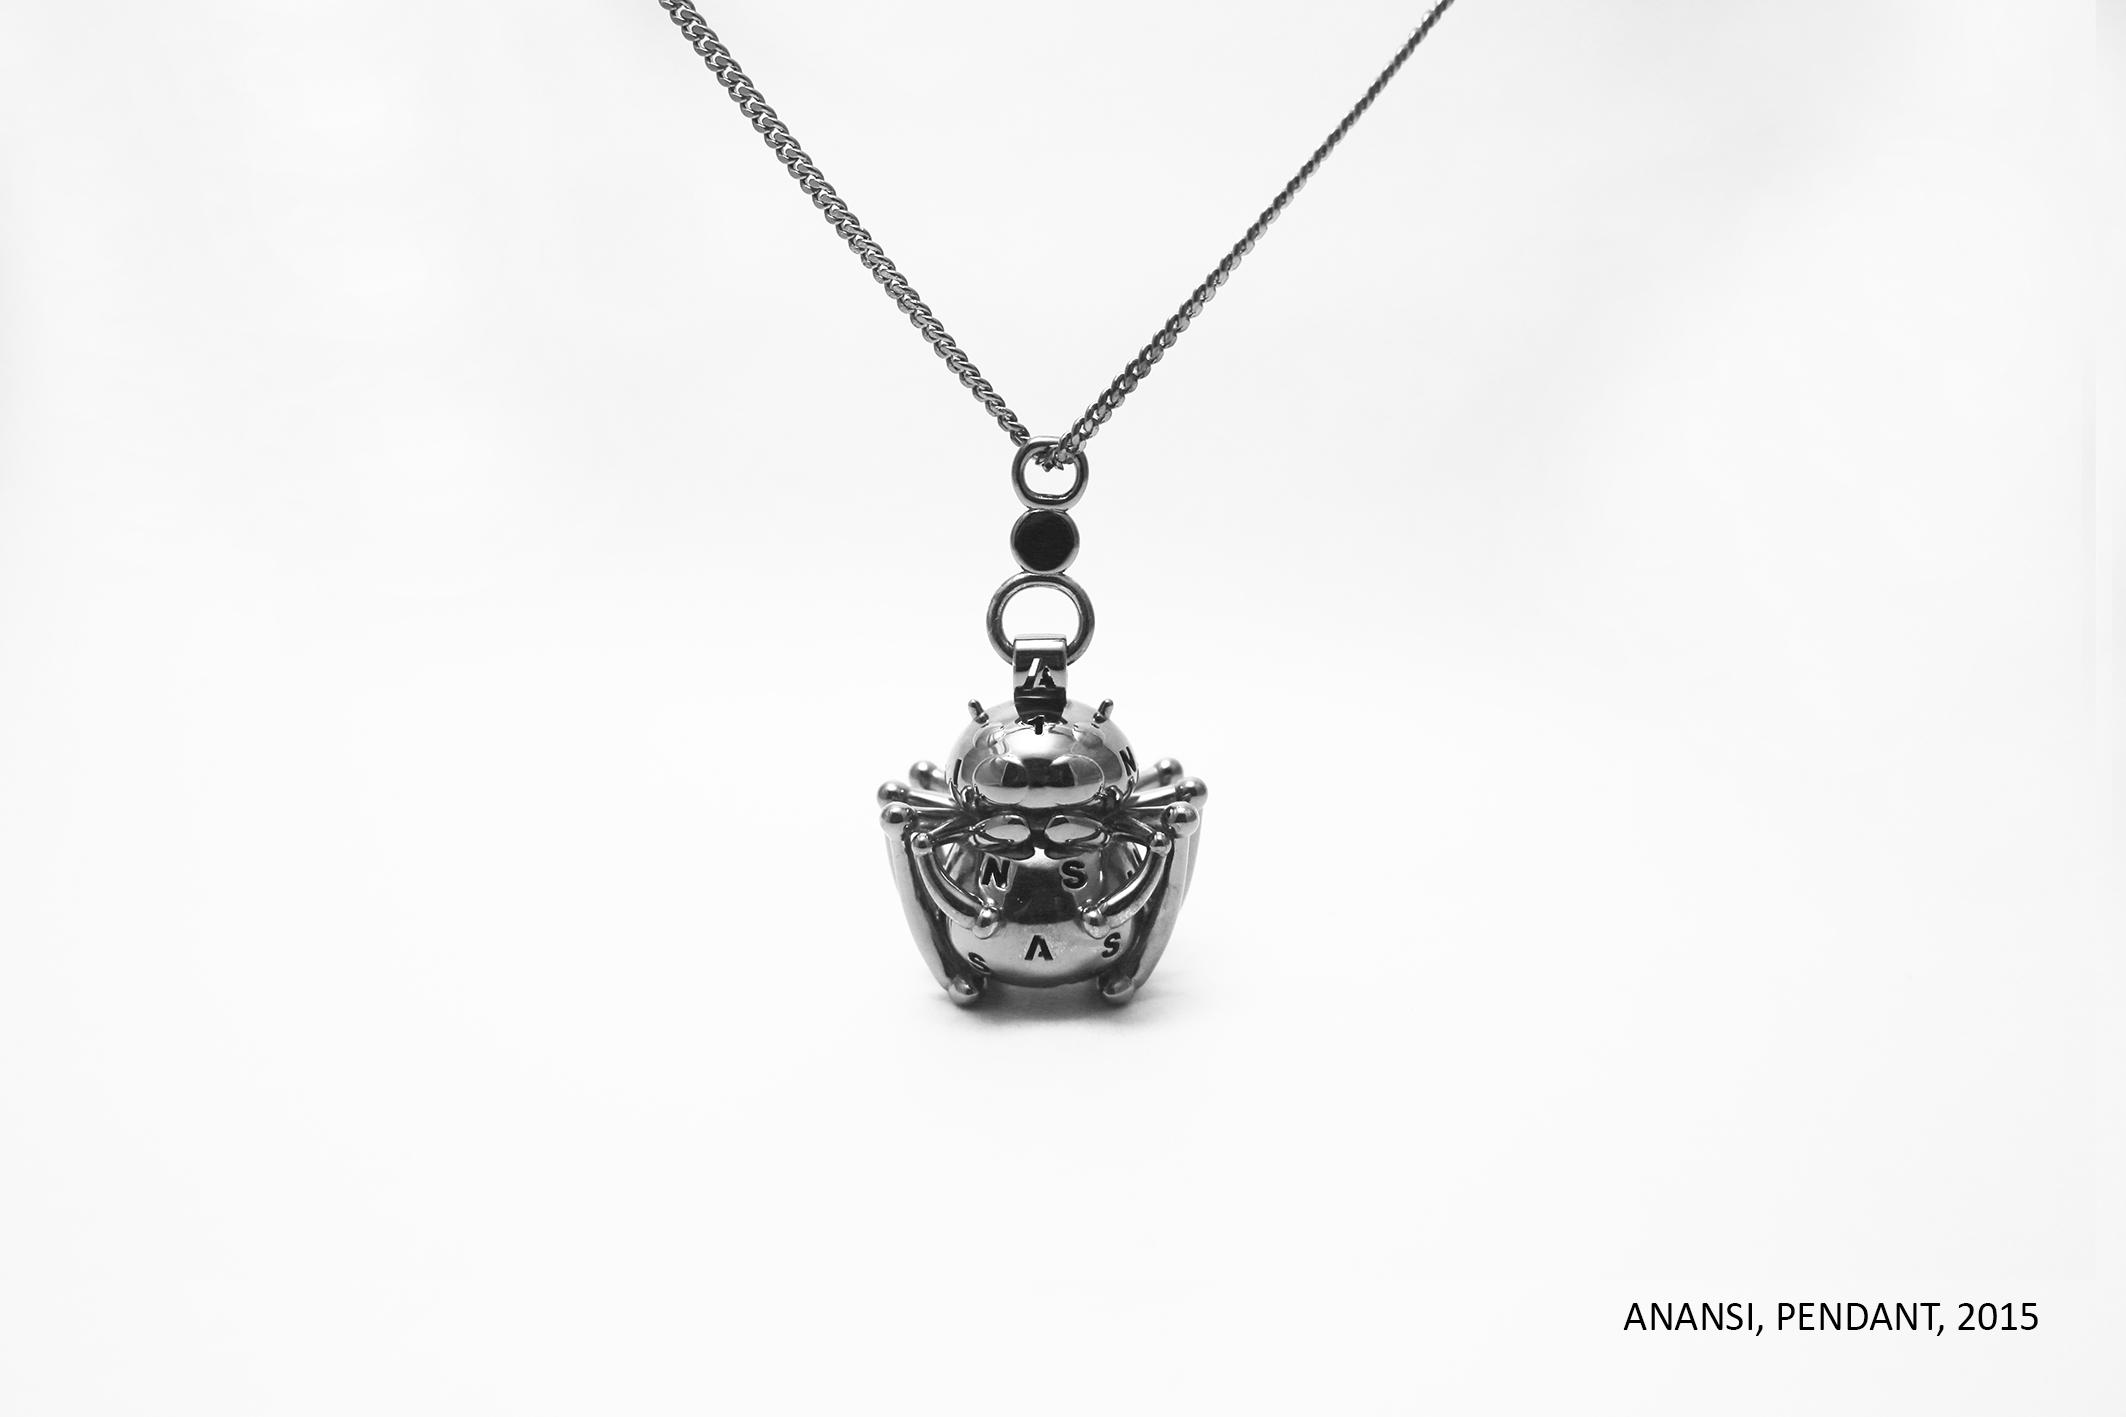 Anansi Pendant